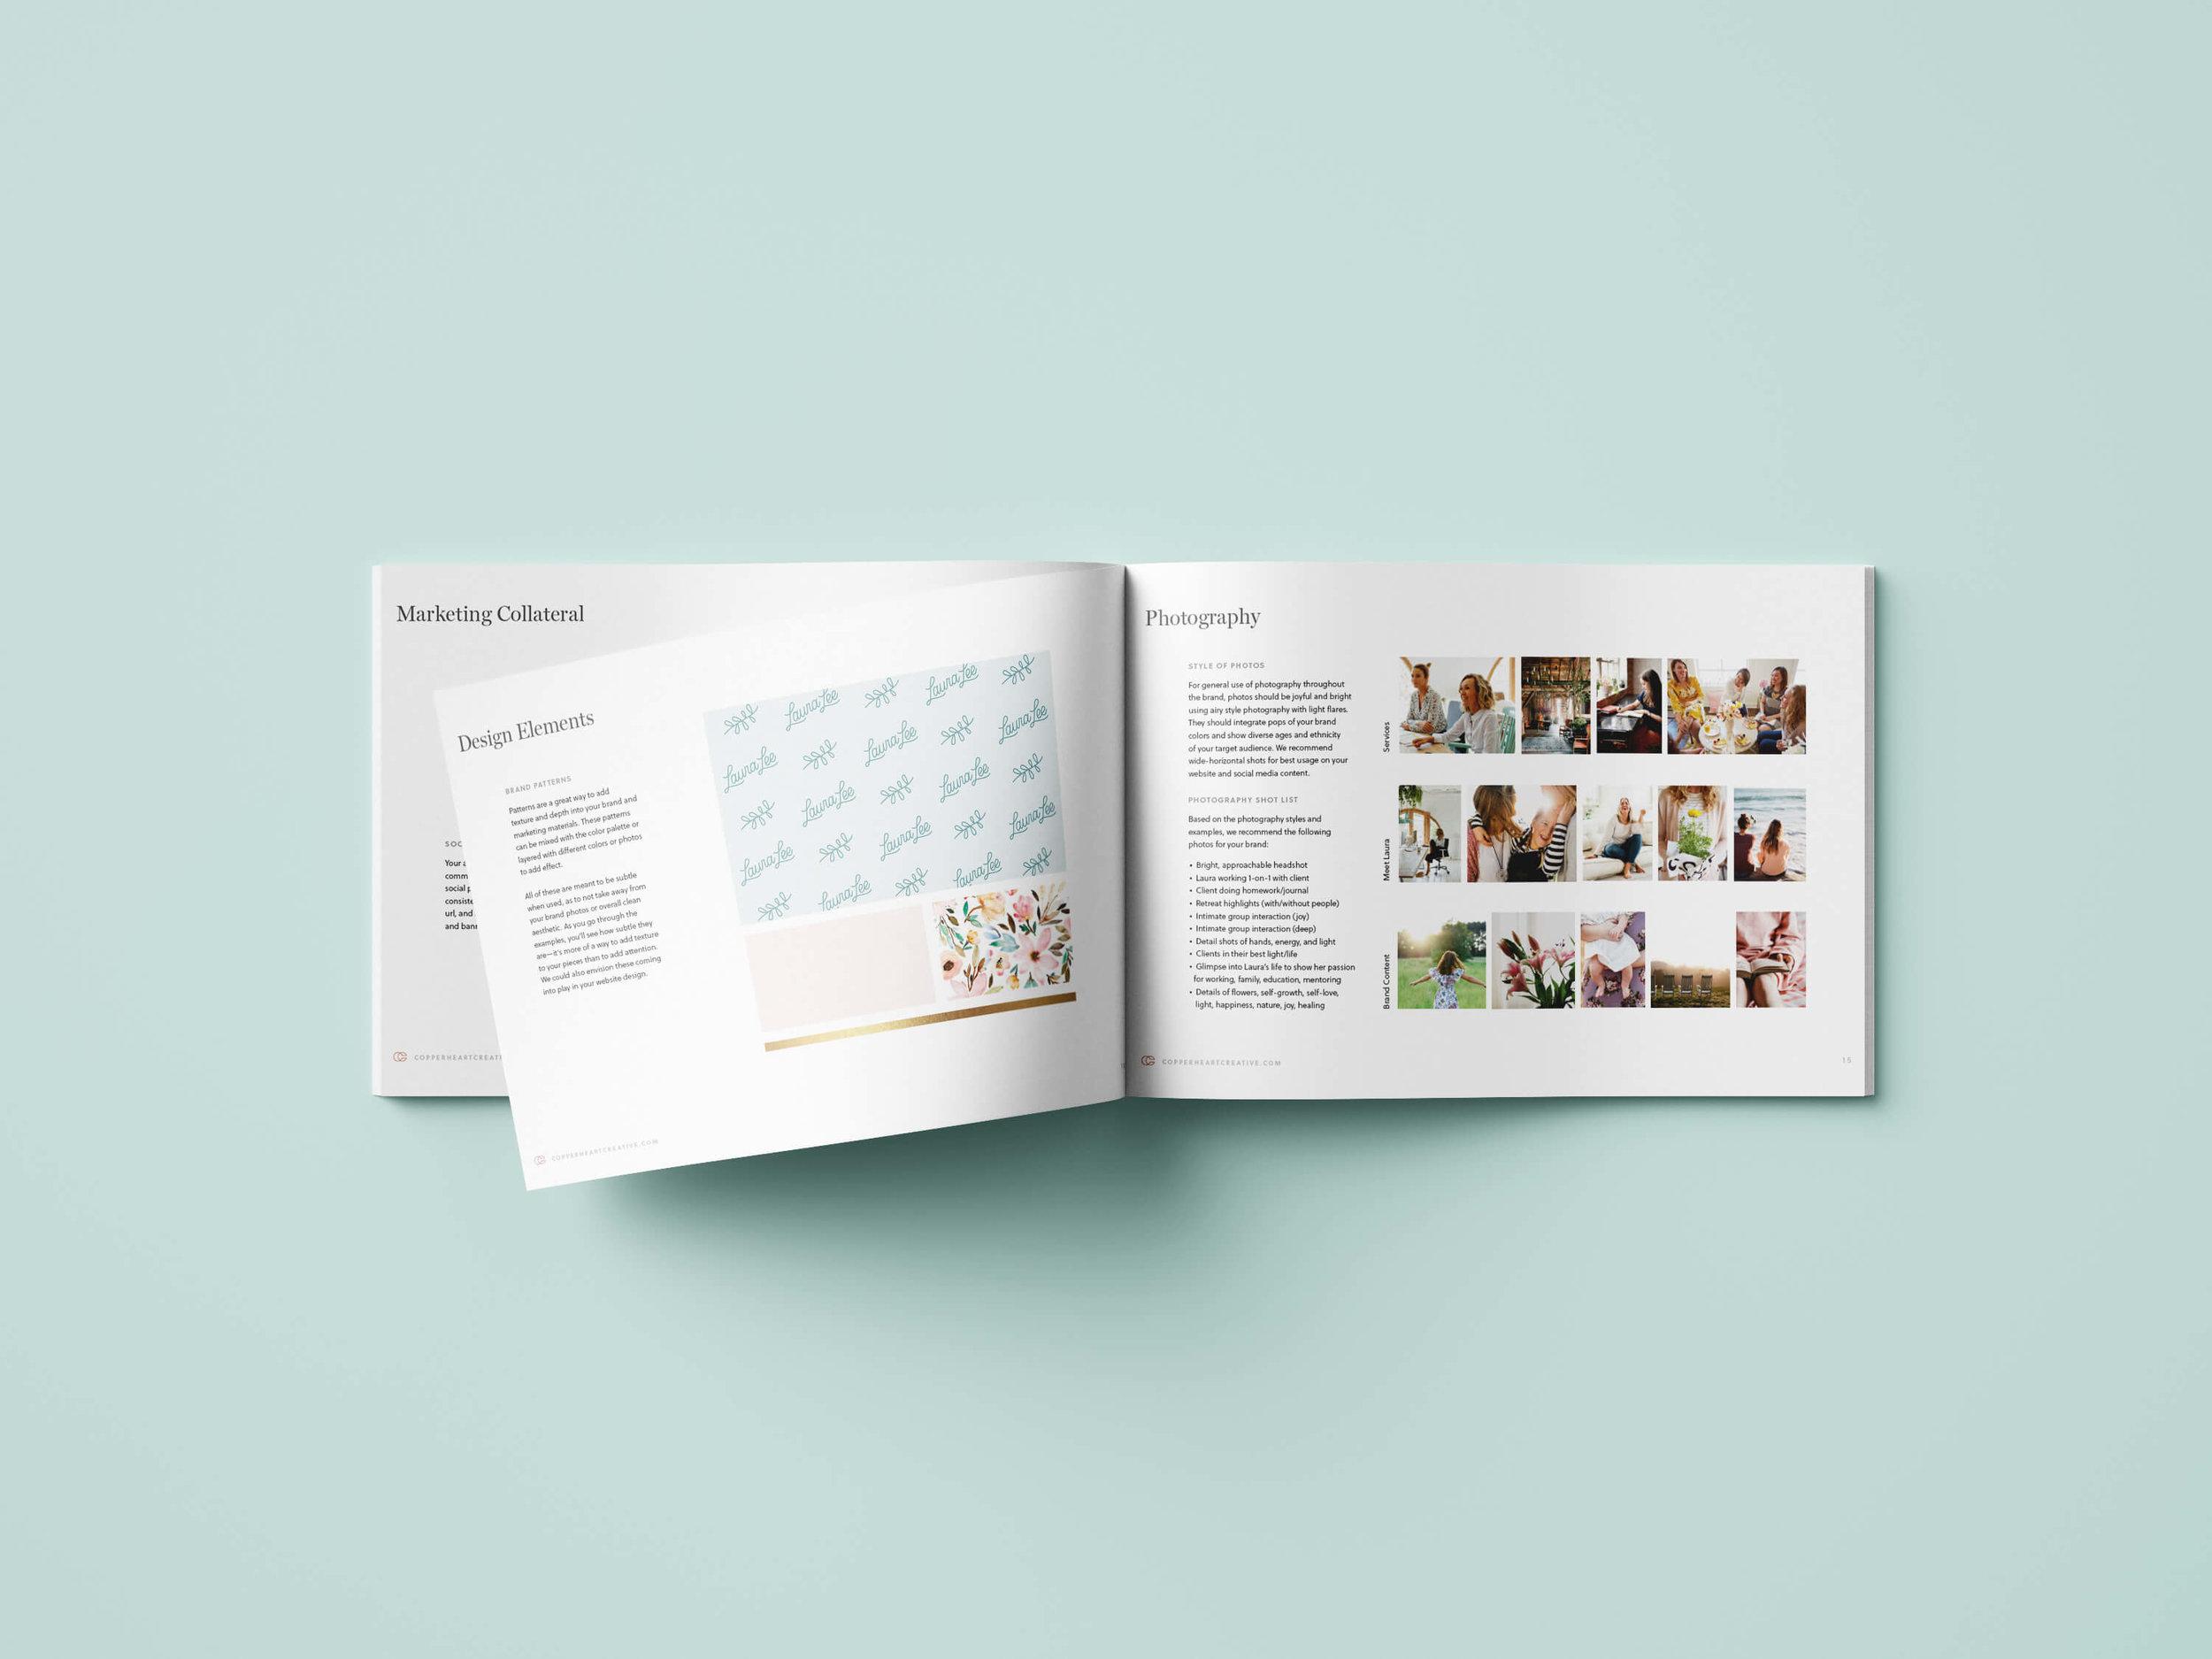 Copperheart-Creative-LauraLee-LifeCoaching-Logo-Brand-Guide-Guidelines-Branding-Design-Nashville.jpg